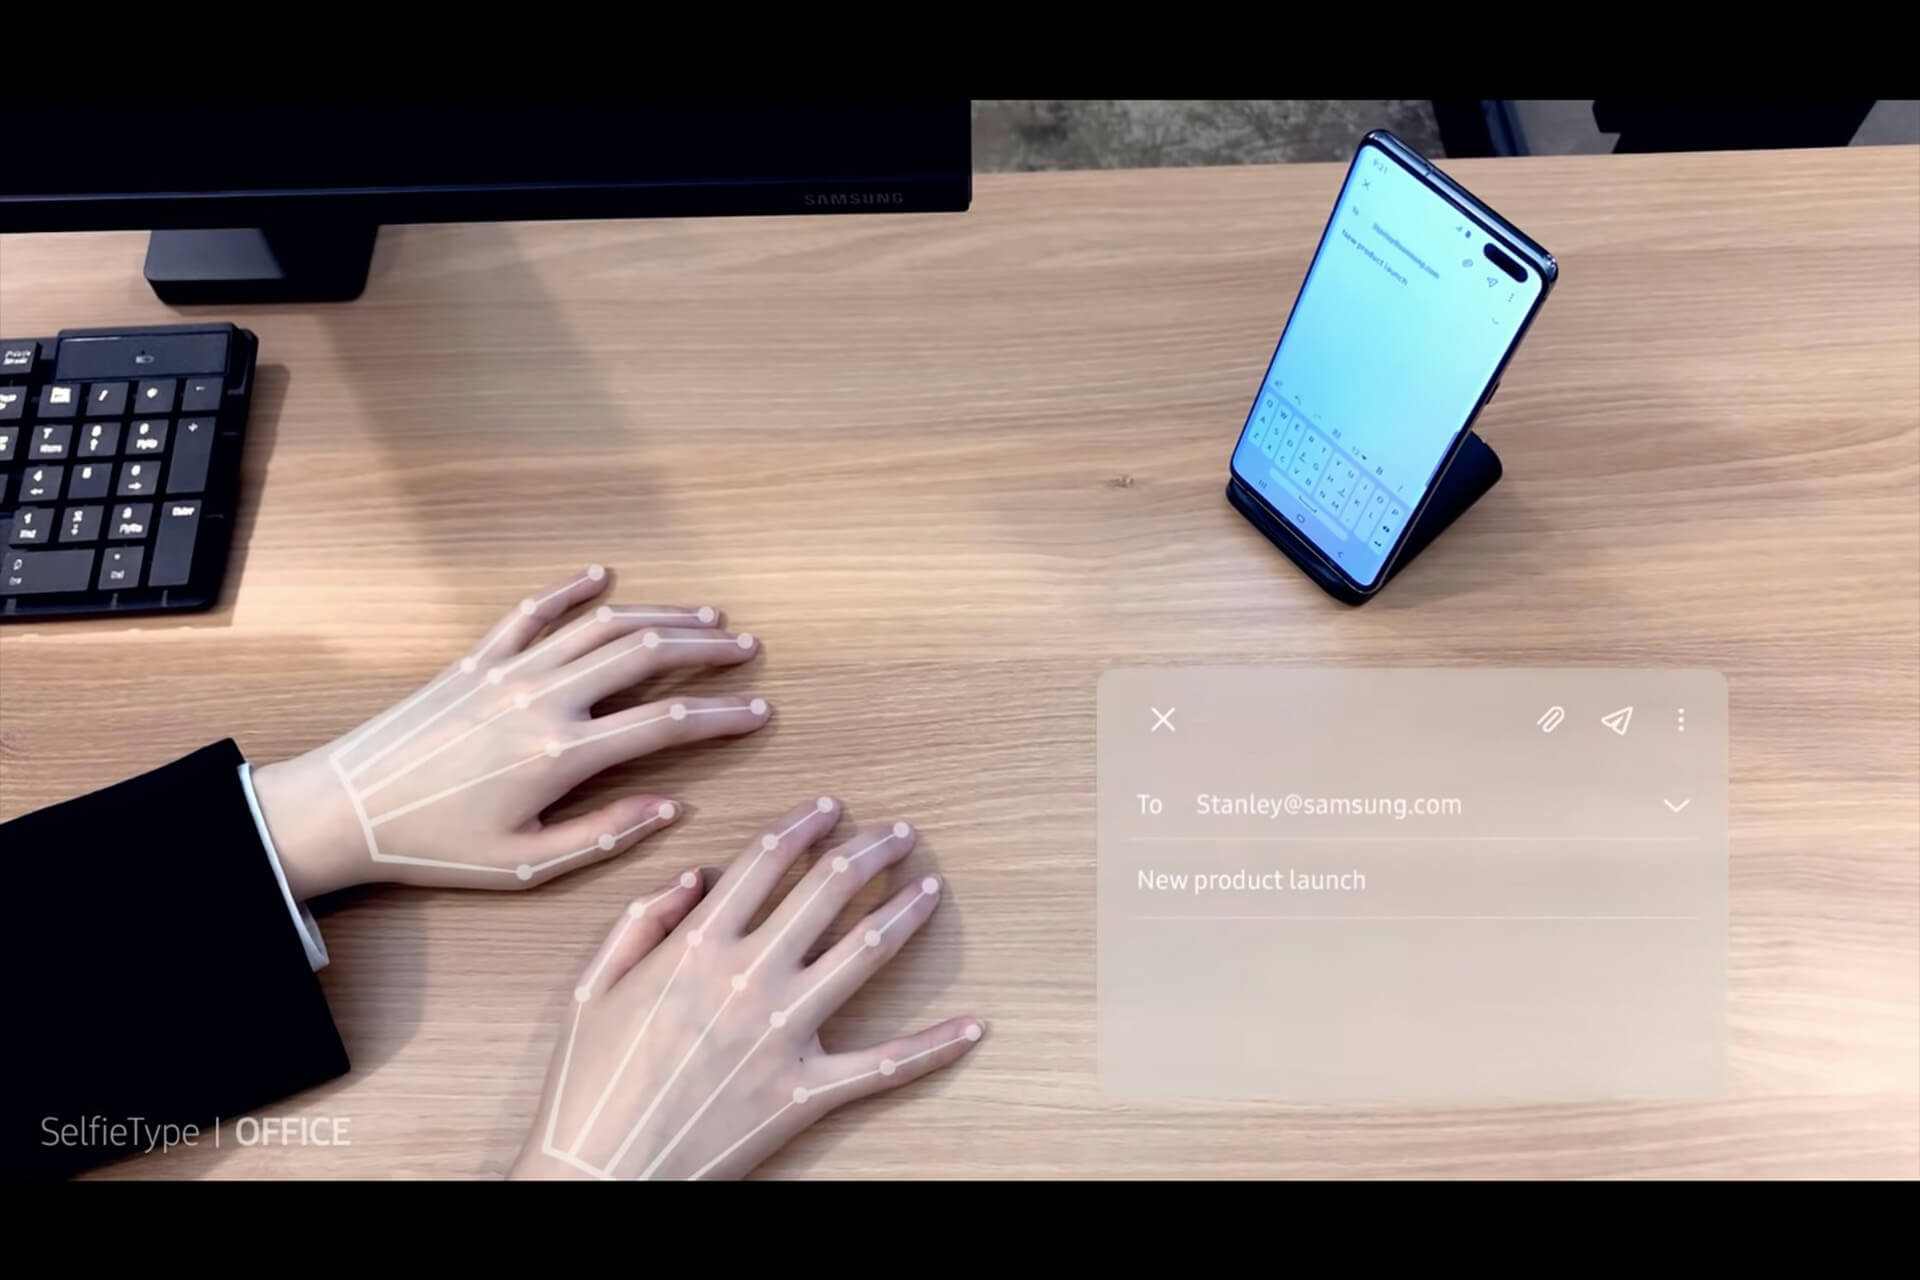 Samsung、スマホで使える目に見えないキーボード「SelfieType」を発表! tech200110_samsung_main